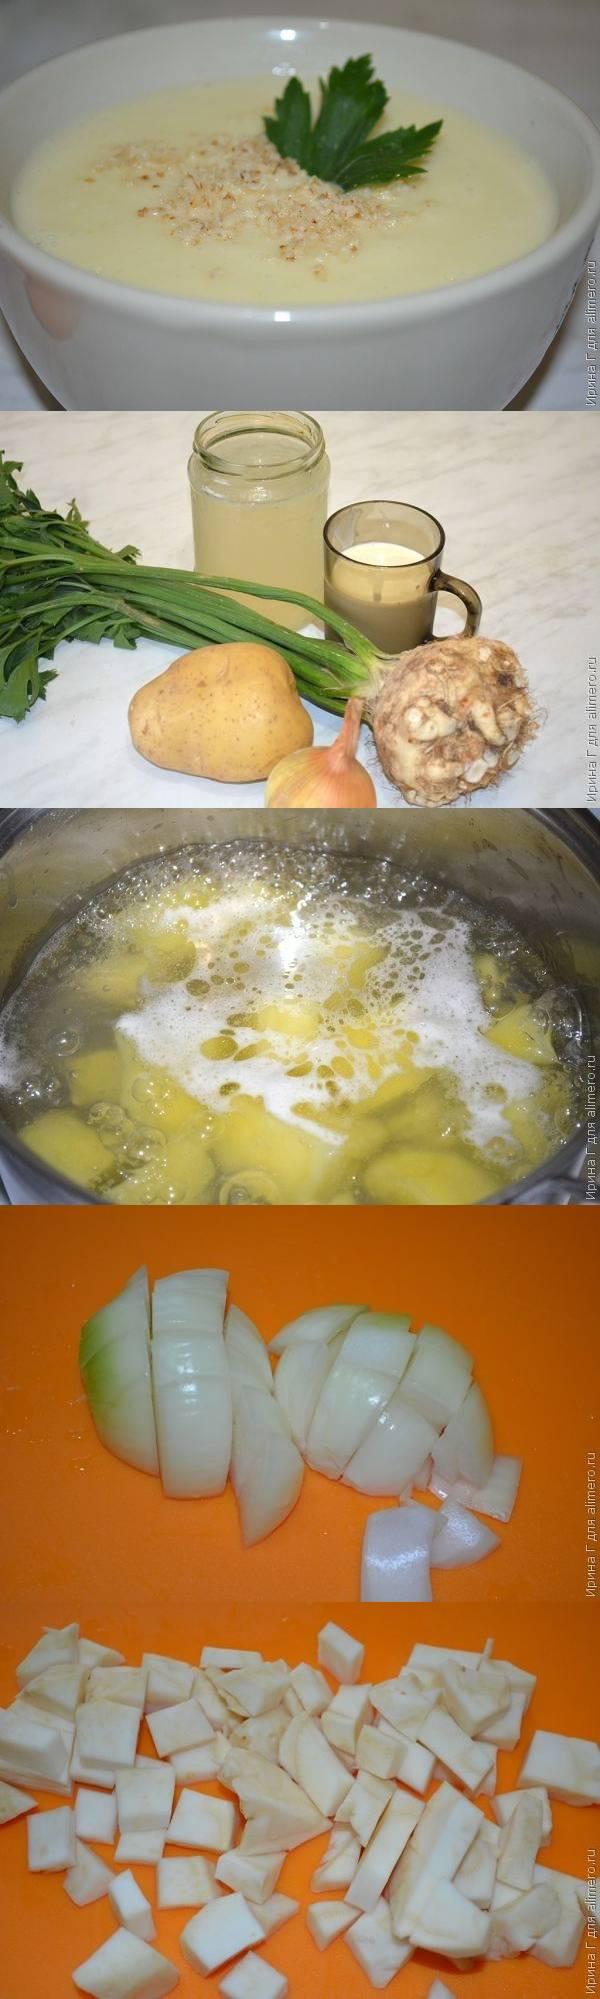 Сливочный суп-пюре из сельдерея